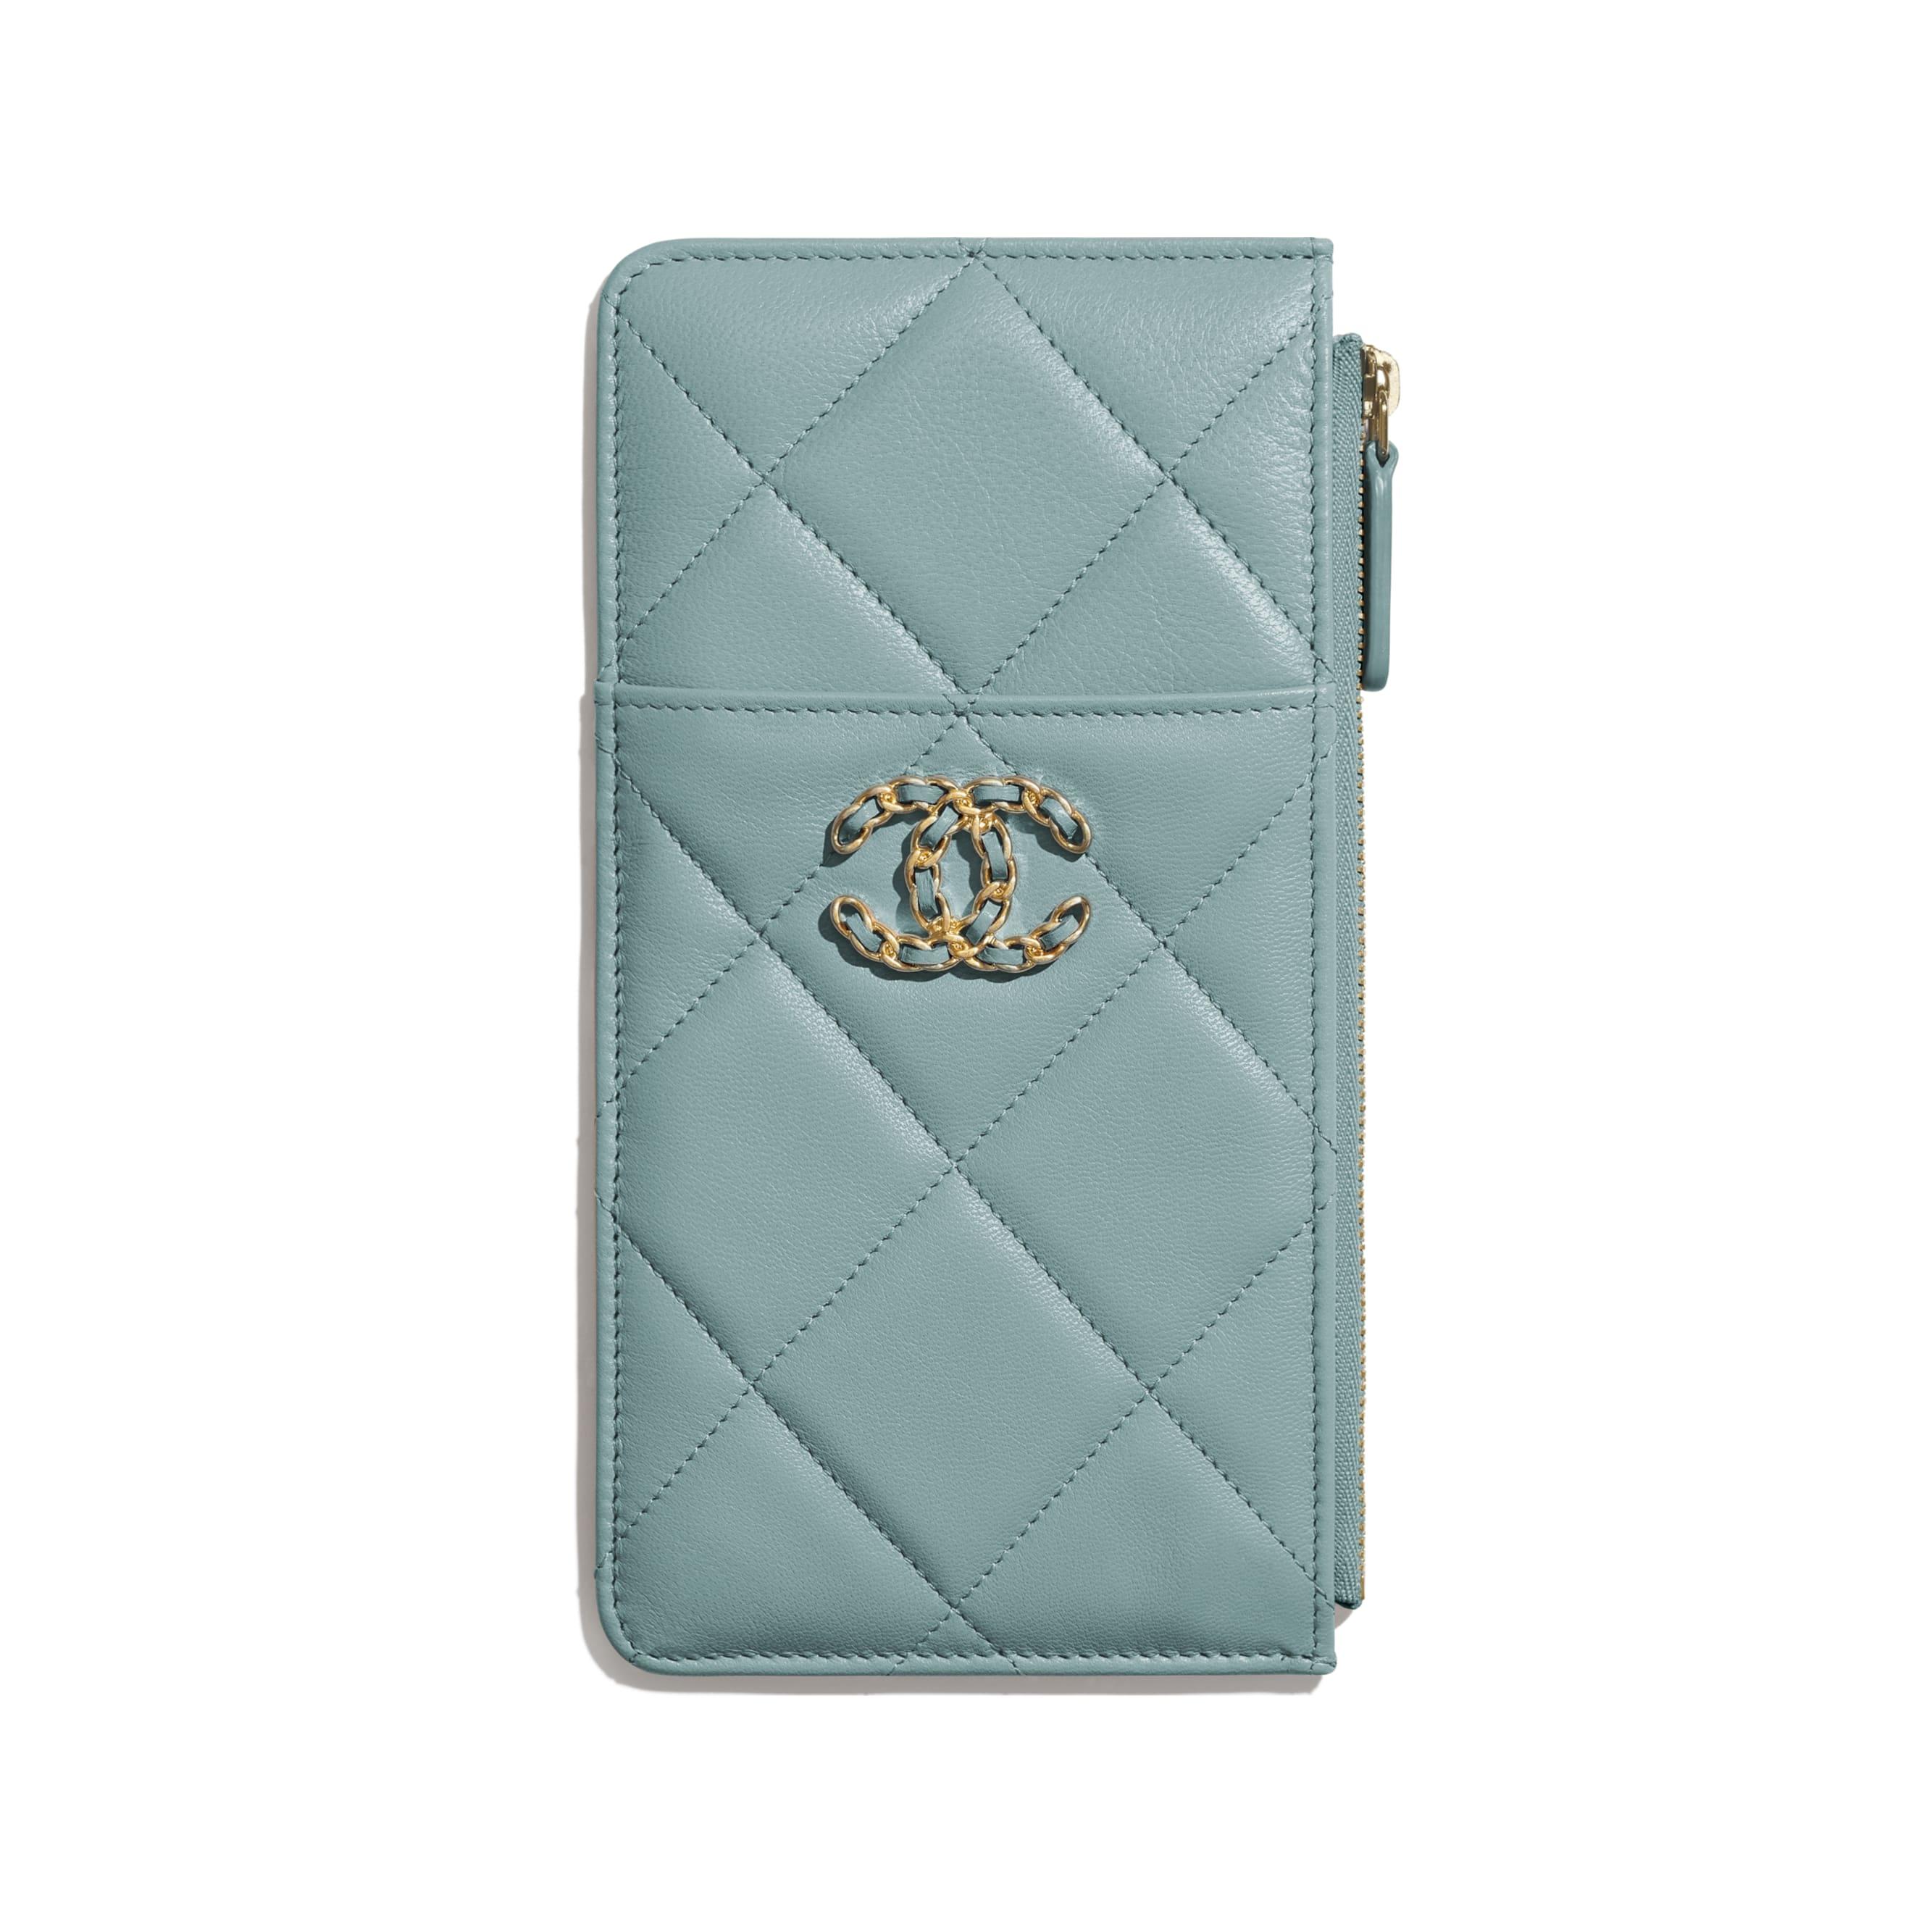 กระเป๋าใส่โทรศัพท์มือถือและบัตร CHANEL 19 - สีฟ้า - หนังแพะเคลือบเงา สีทอง สีเงิน และโลหะเคลือบรูทีเนียม - มุมมองปัจจุบัน - ดูเวอร์ชันขนาดมาตรฐาน